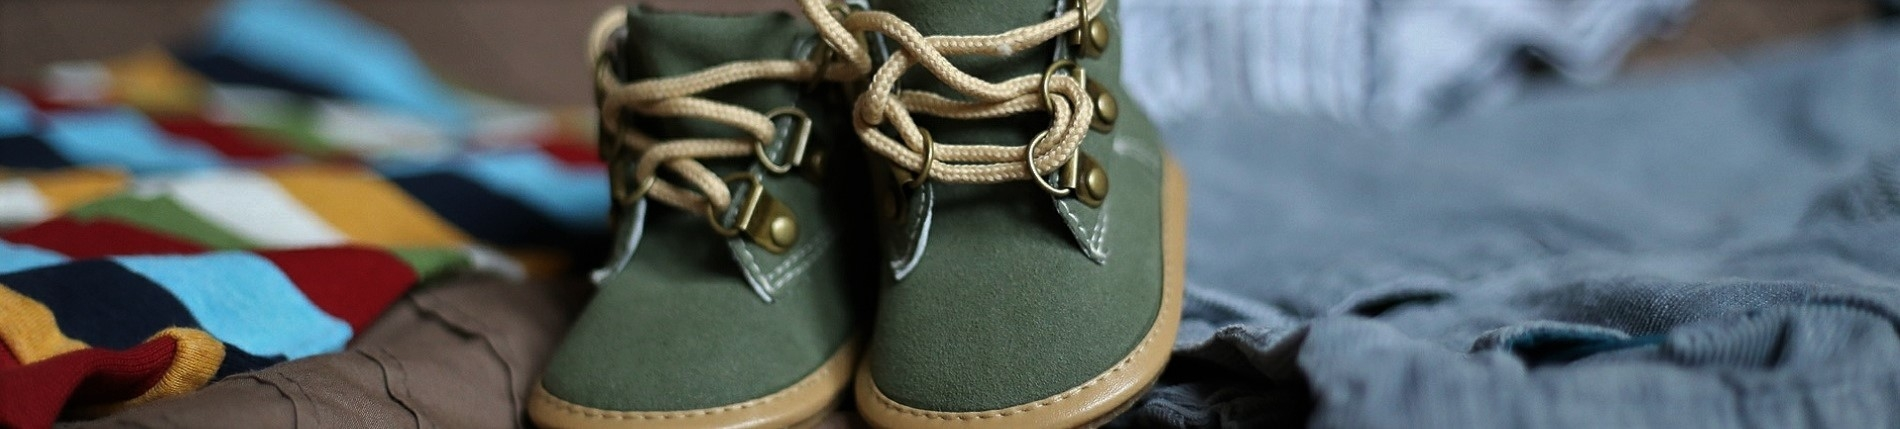 Tussenseizoen schoenen